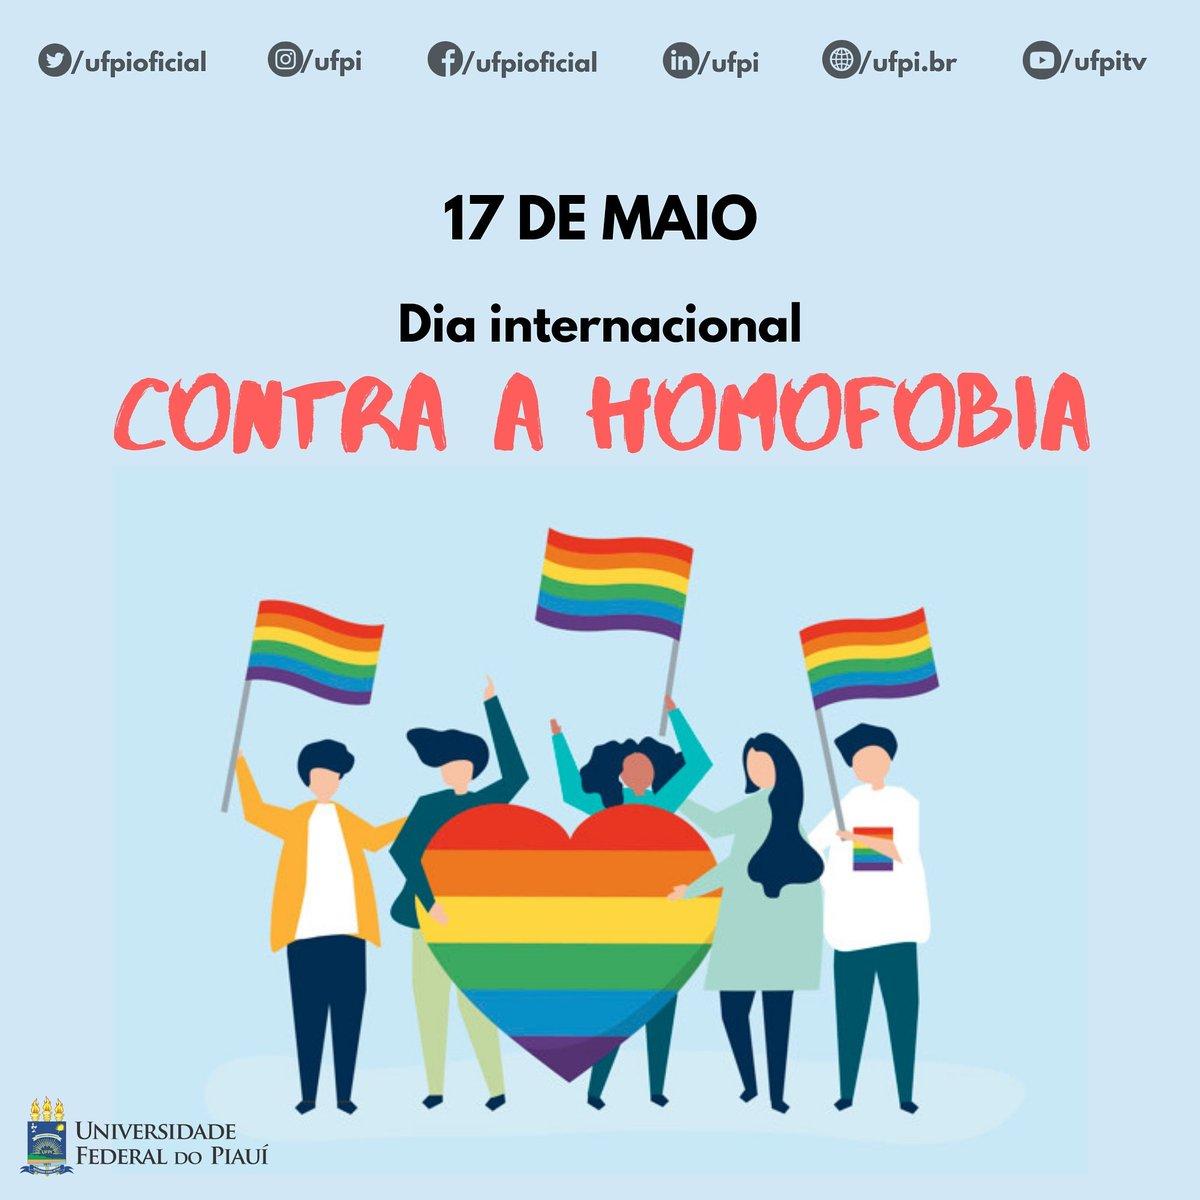 🌈 A homofobia deve ser combatida todos os dias, para que assim possamos construir uma sociedade livre de discriminação e com mais respeito, independente de orientação sexual ou identidade de gênero. . . #ufpi #vempraufpi #minhaufpi #2020 #homofobianao